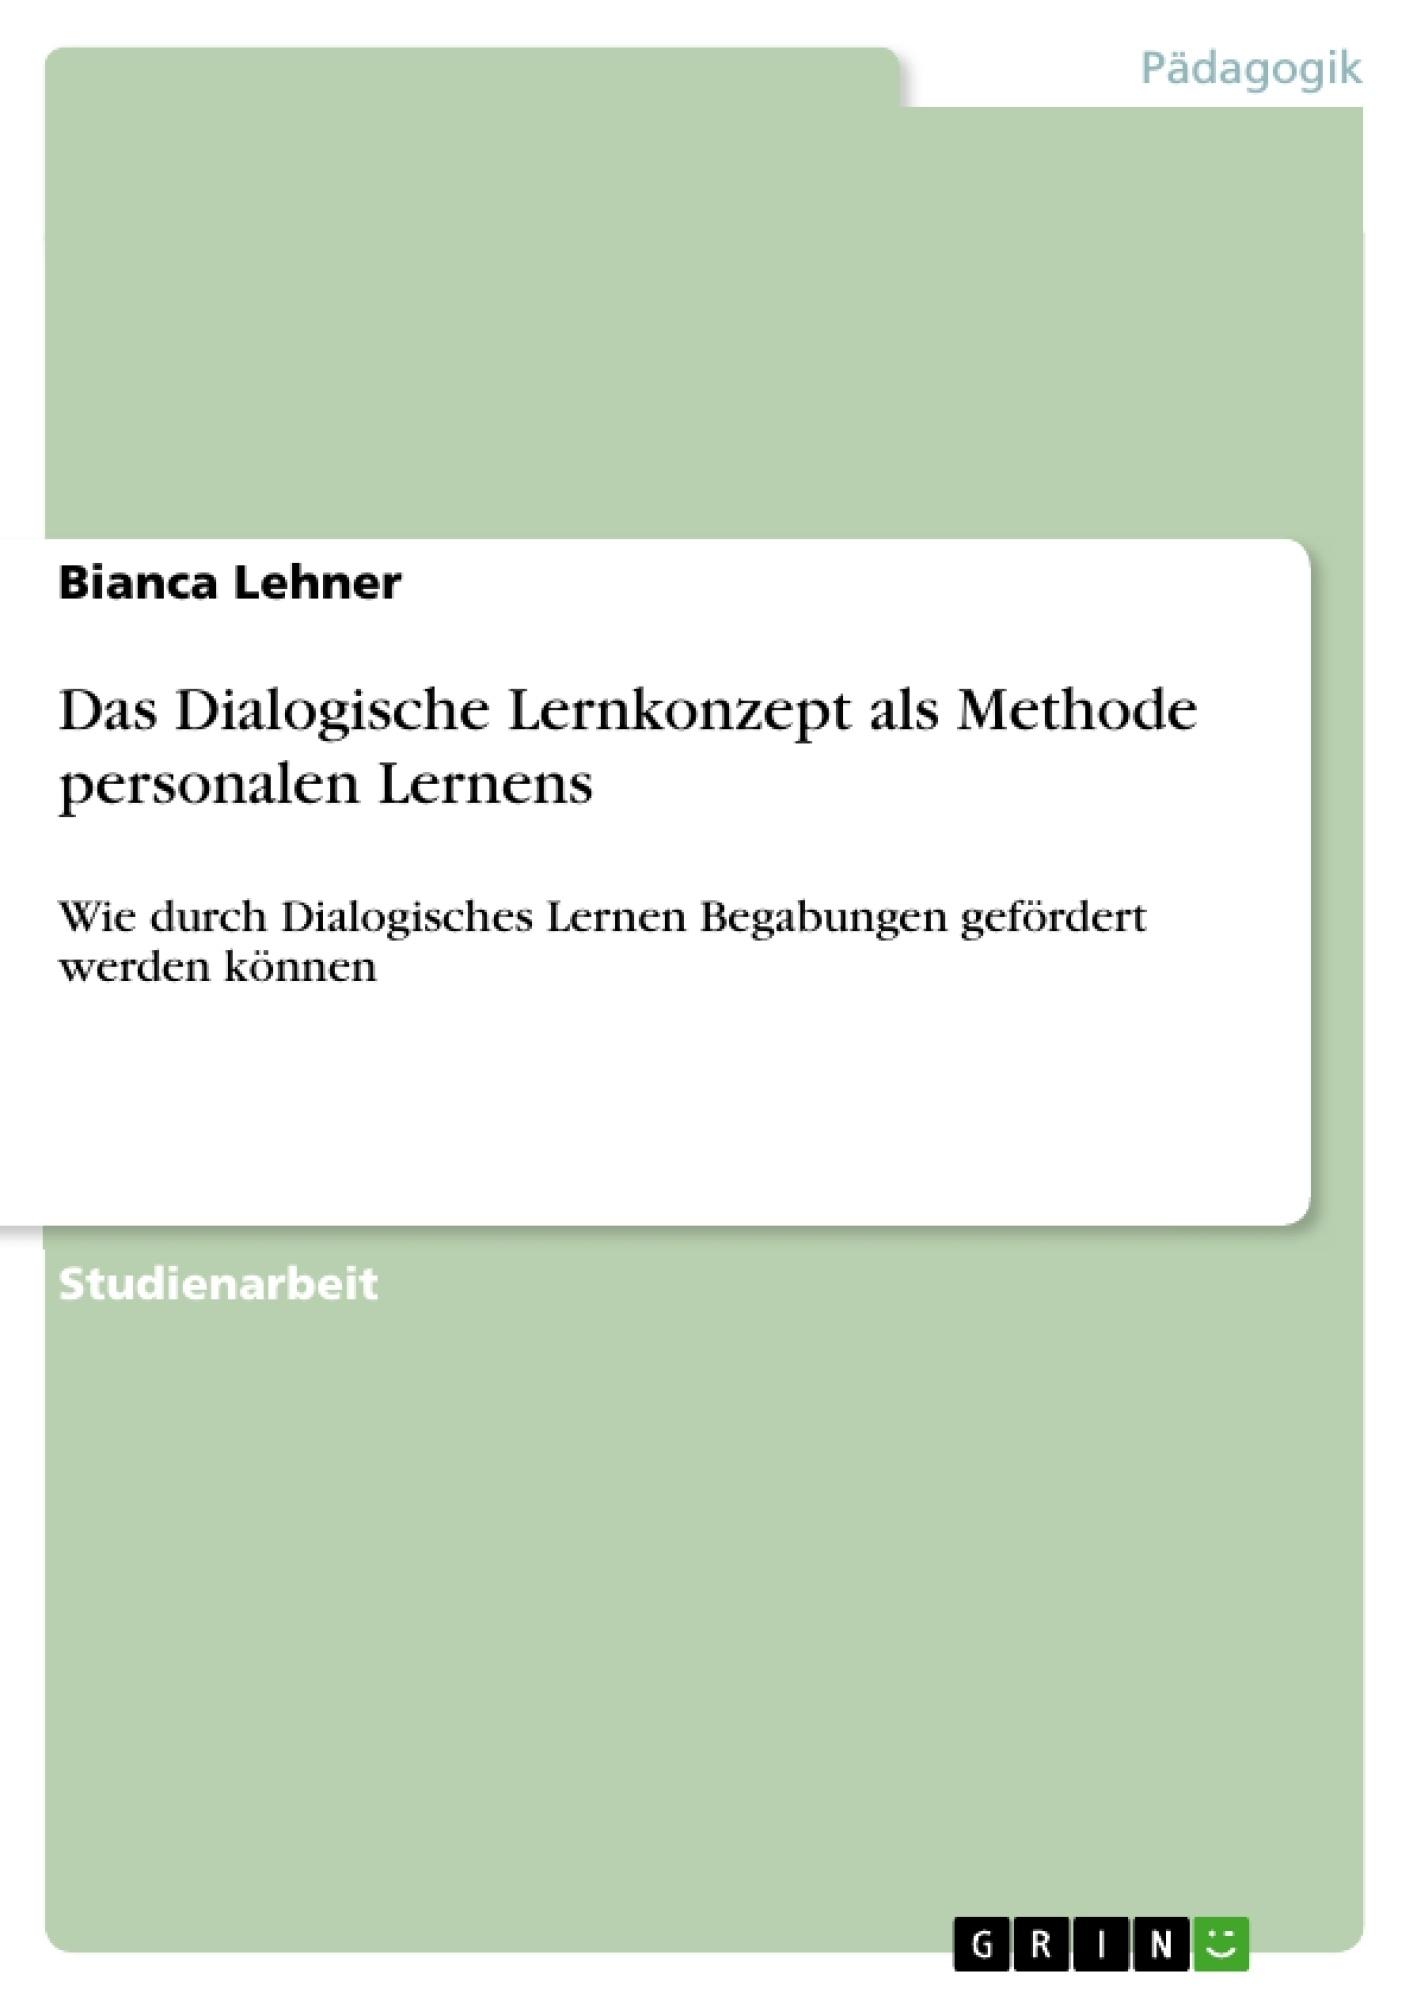 Titel: Das Dialogische Lernkonzept als Methode personalen Lernens